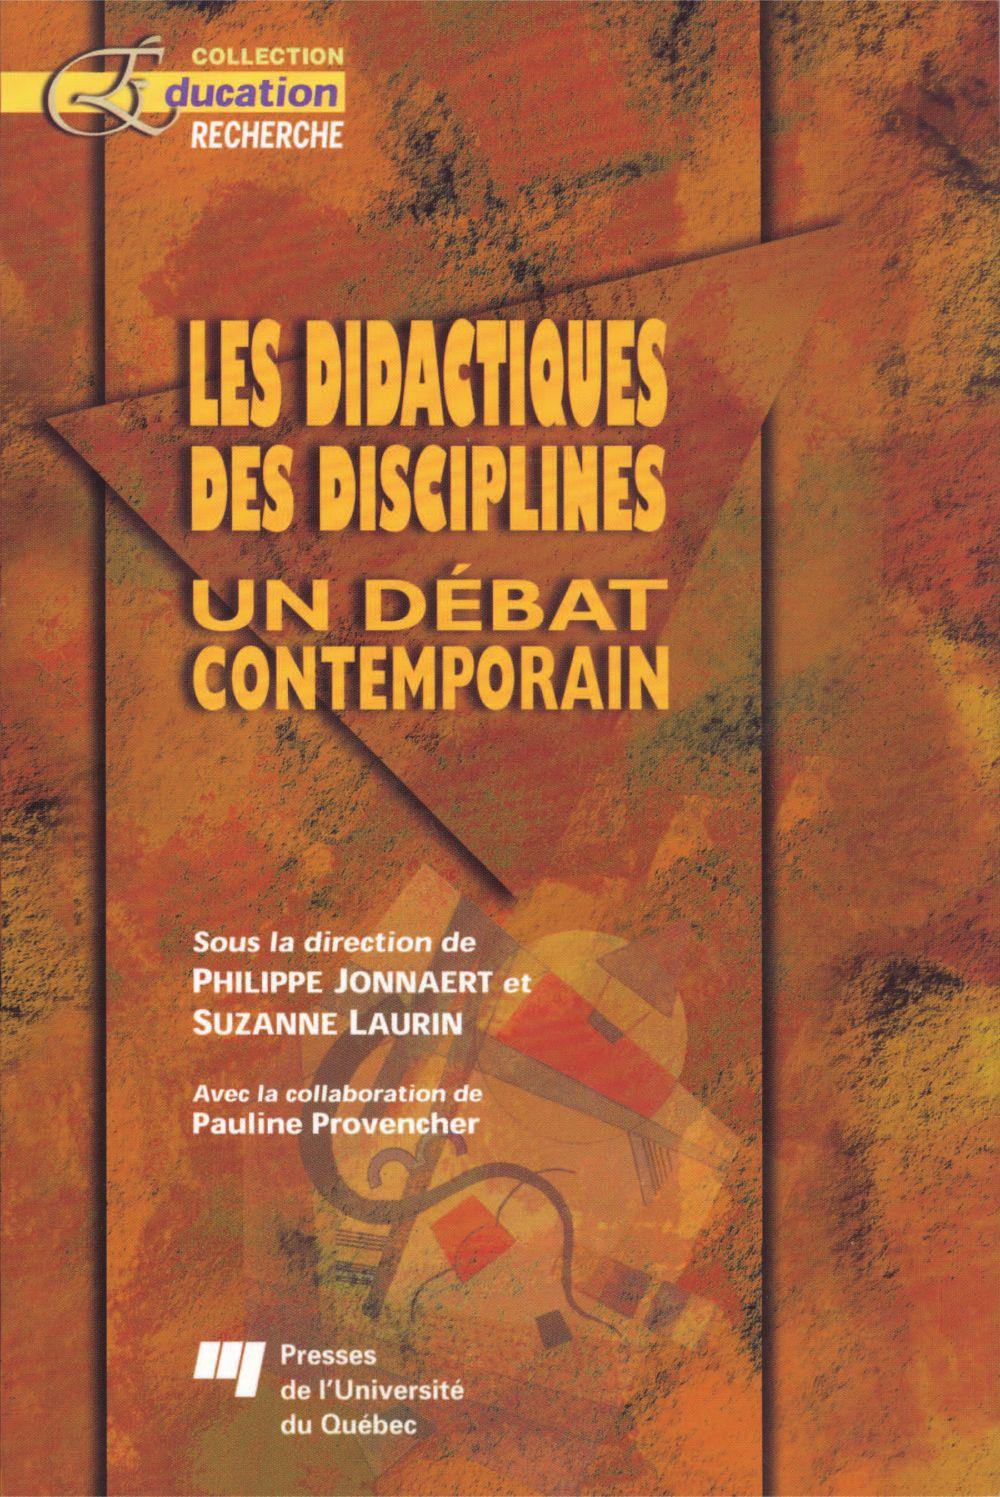 Les didactiques des disciplines